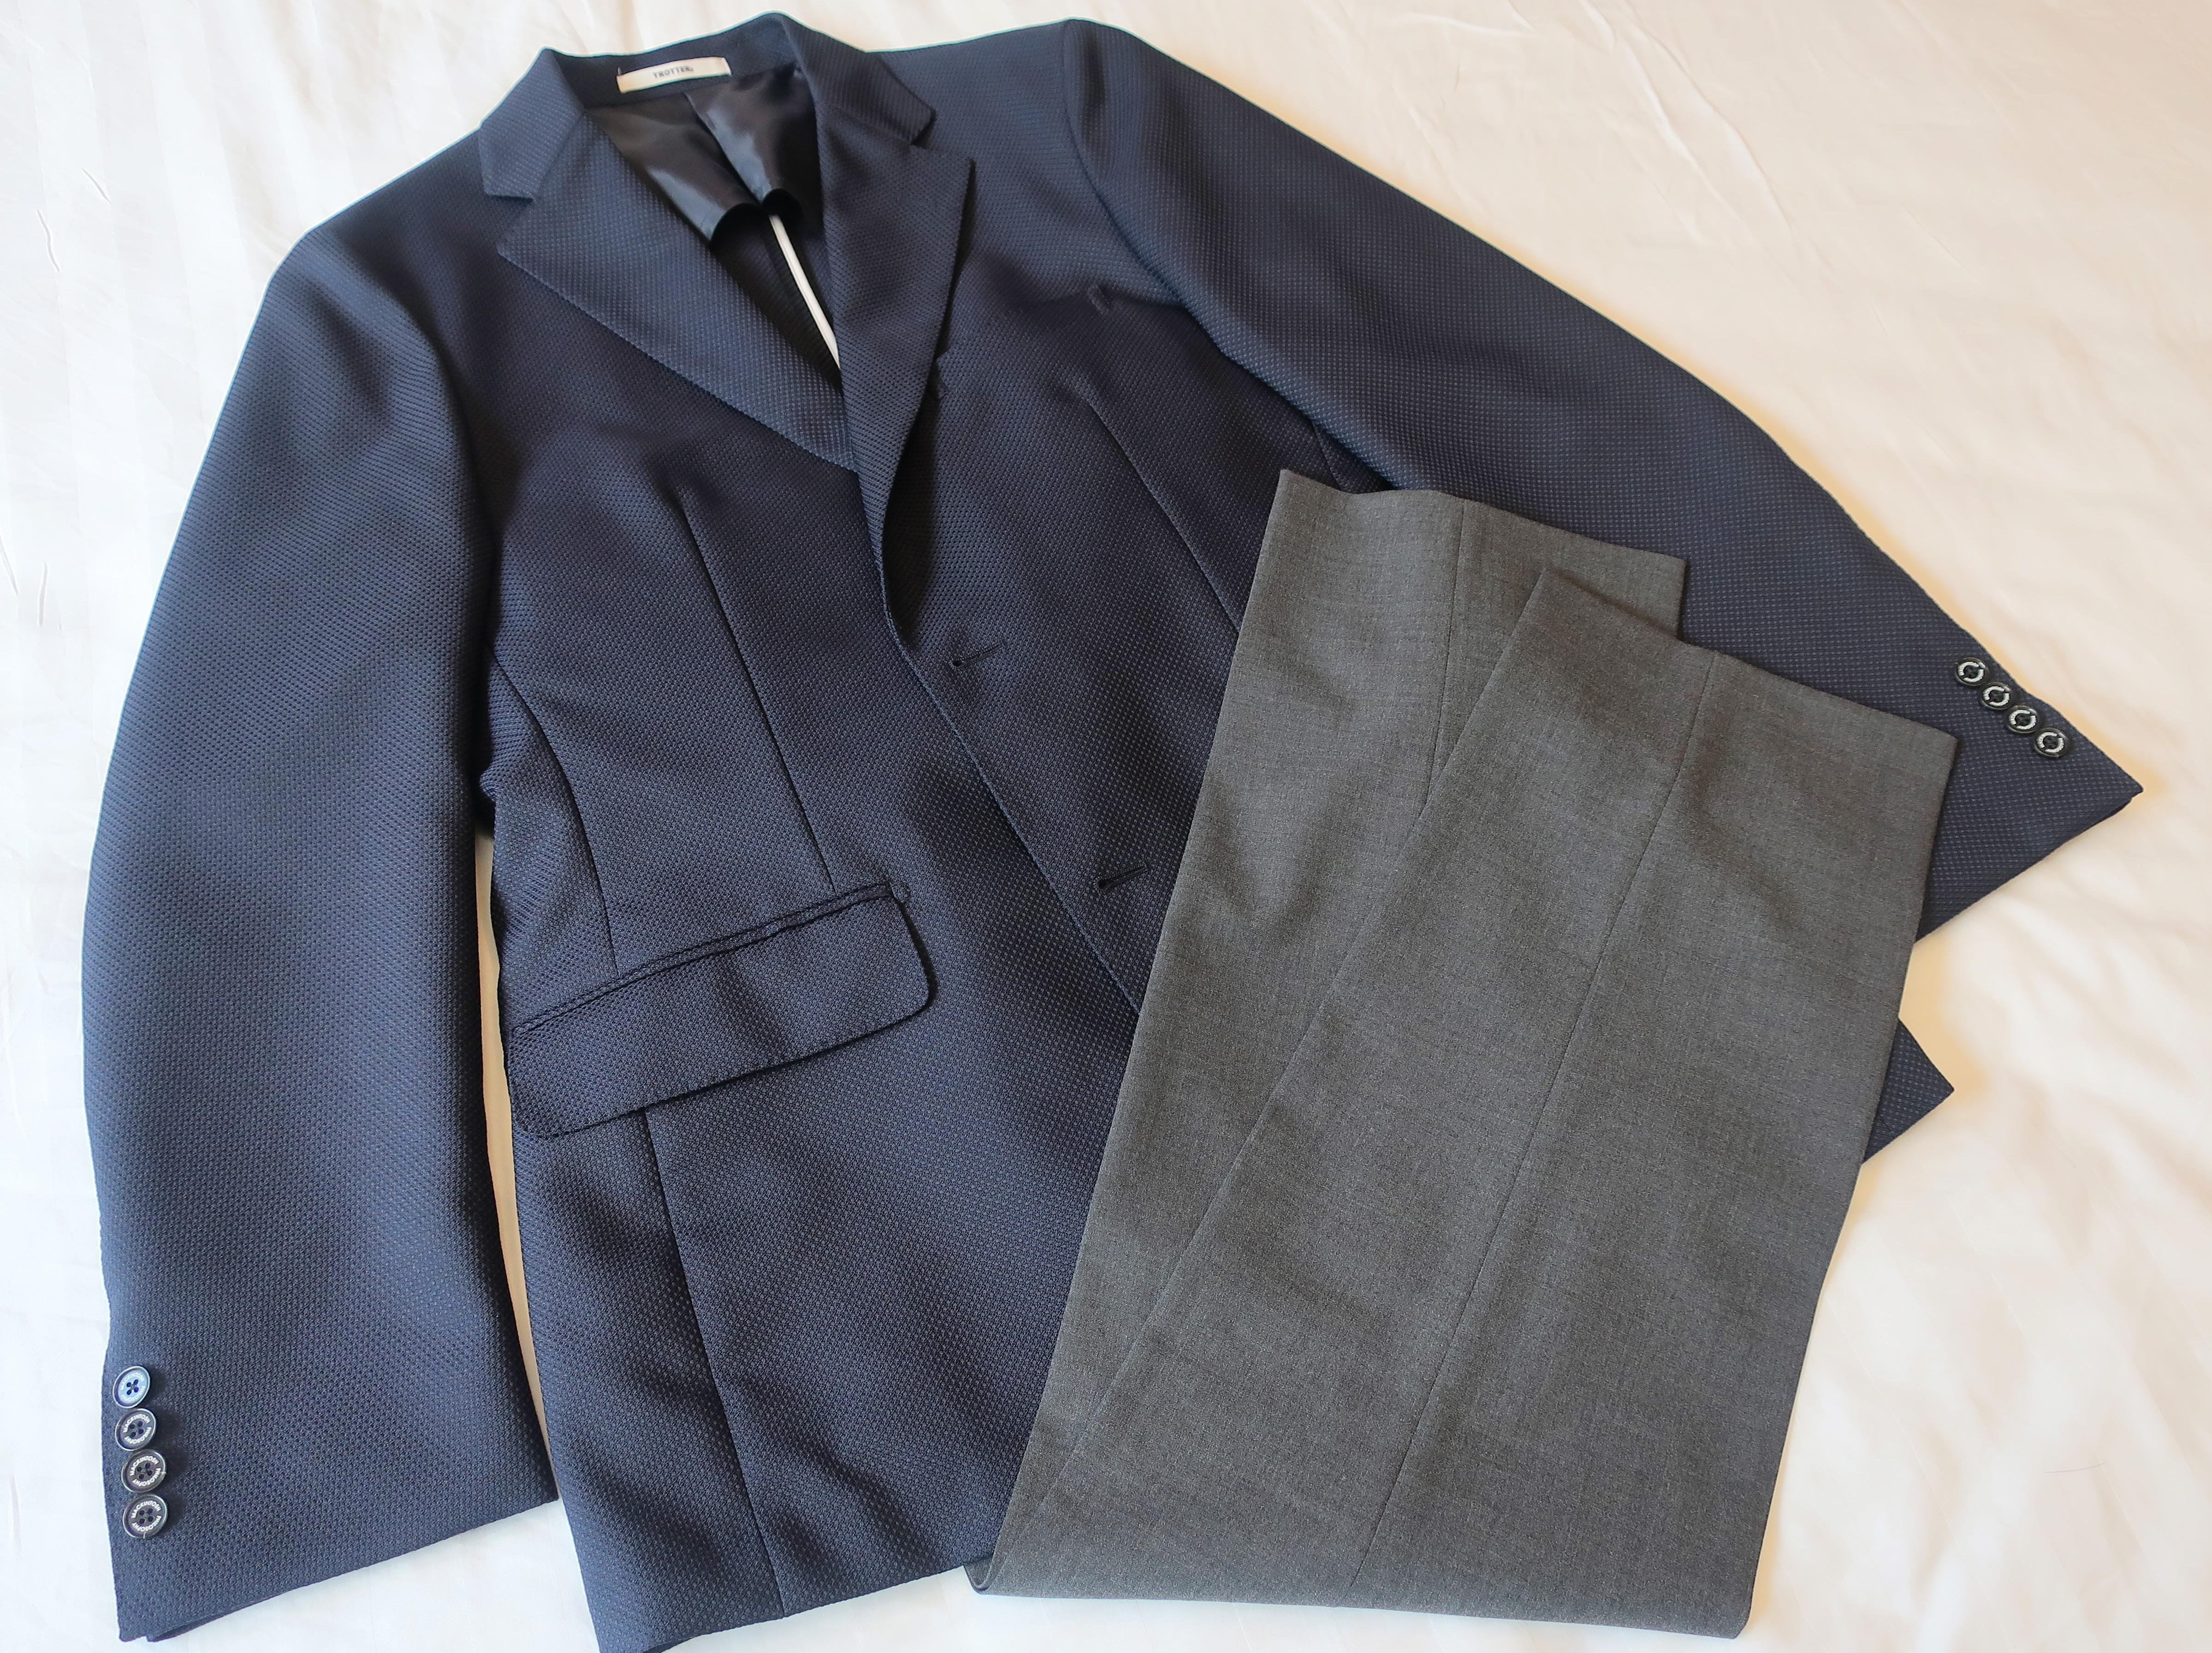 クールビズの定番コーディネイトであるネイビージャケットとグレーパンツ